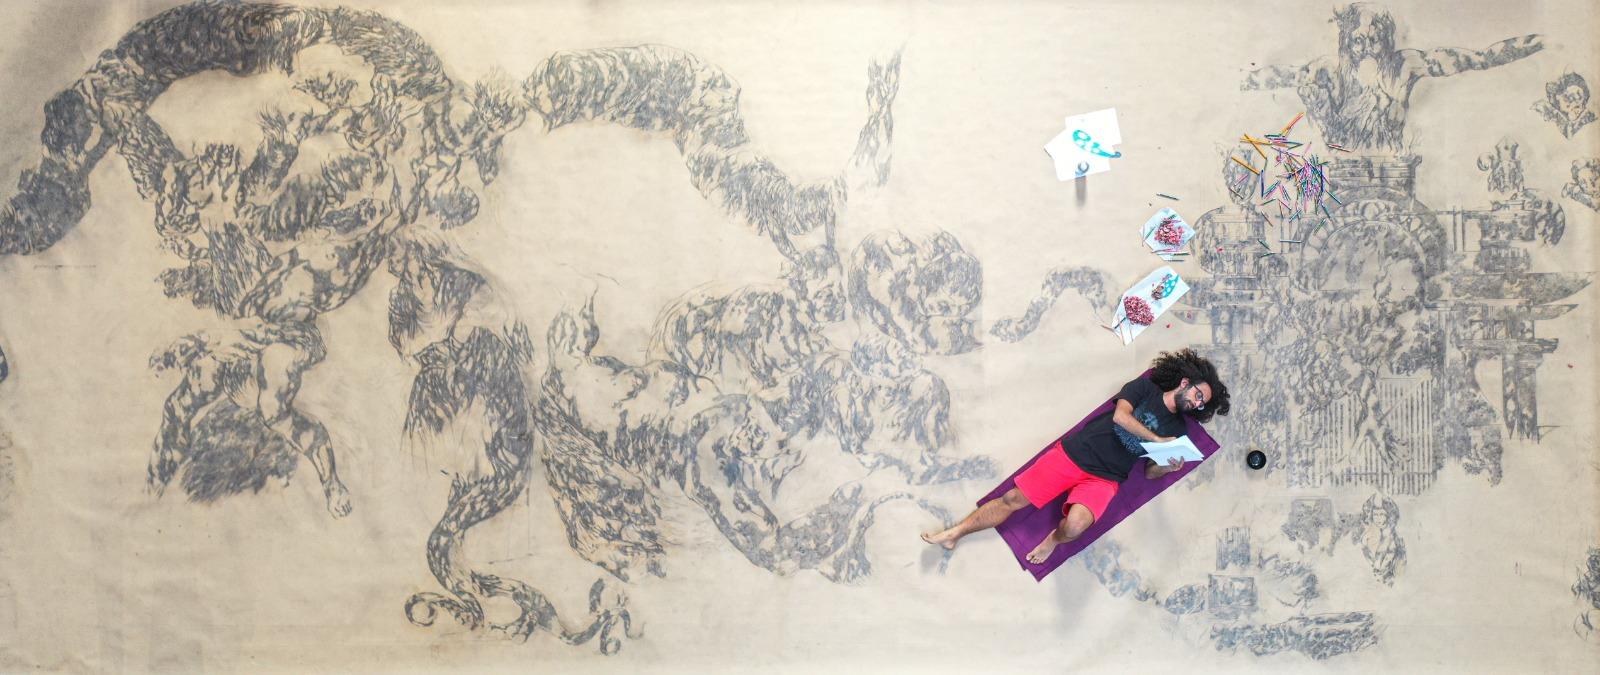 Dante celebrato a Torino con un disegno che parte dalla Finlandia.